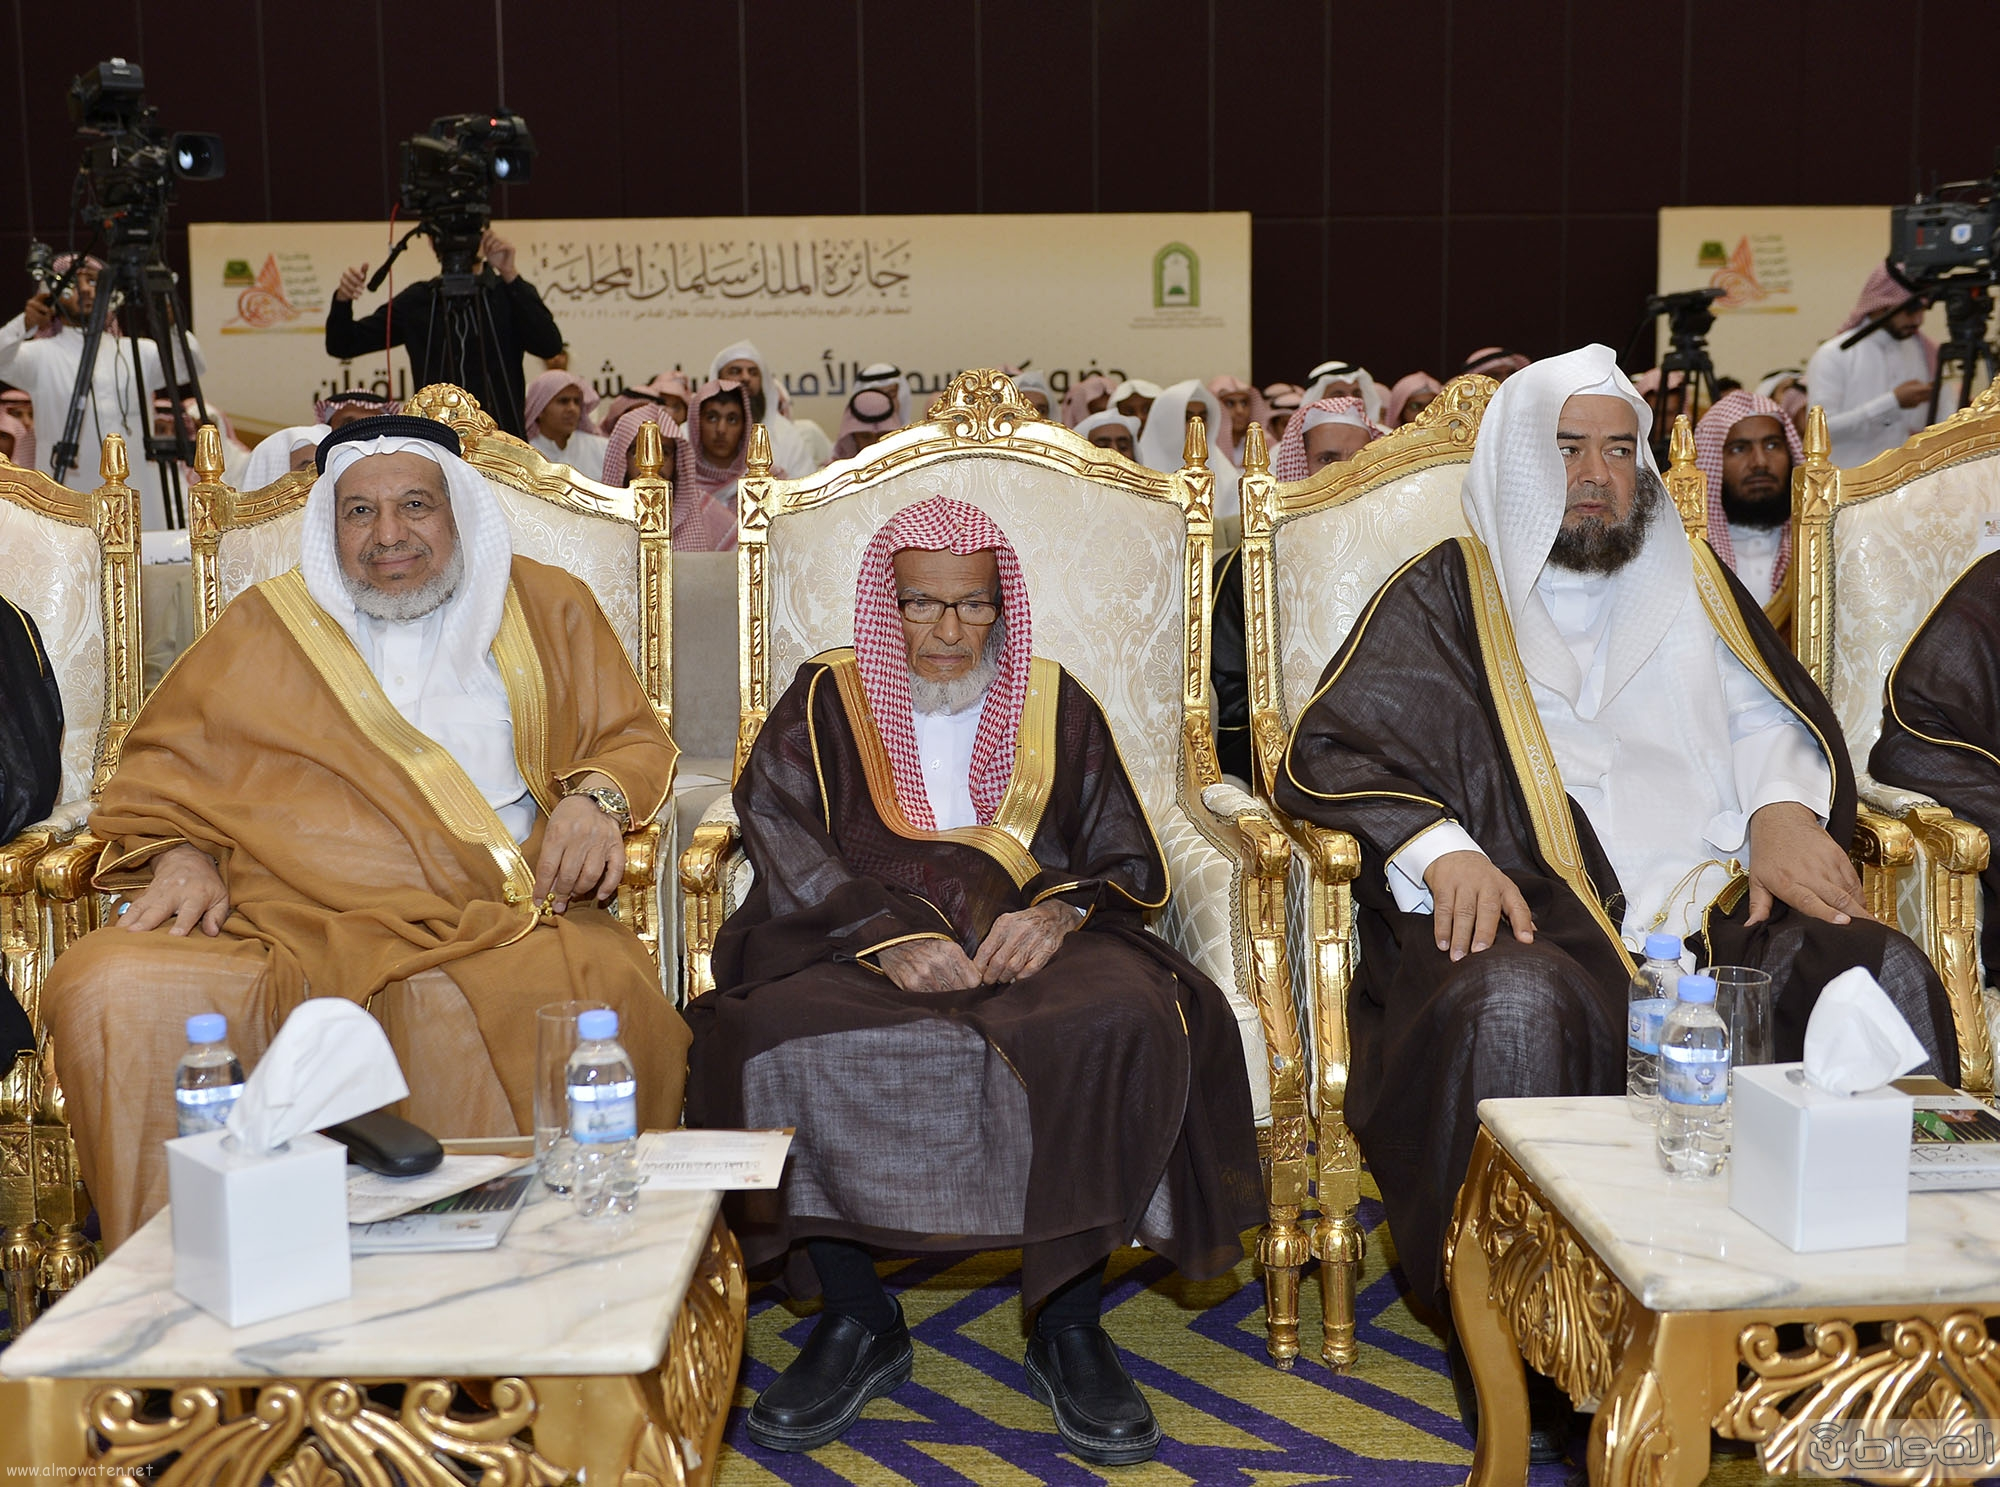 امير منطقة الرياض يرعى حفل اختتام مسابقة جائزة الملك سلمان لحفظ القران الكريم (5)